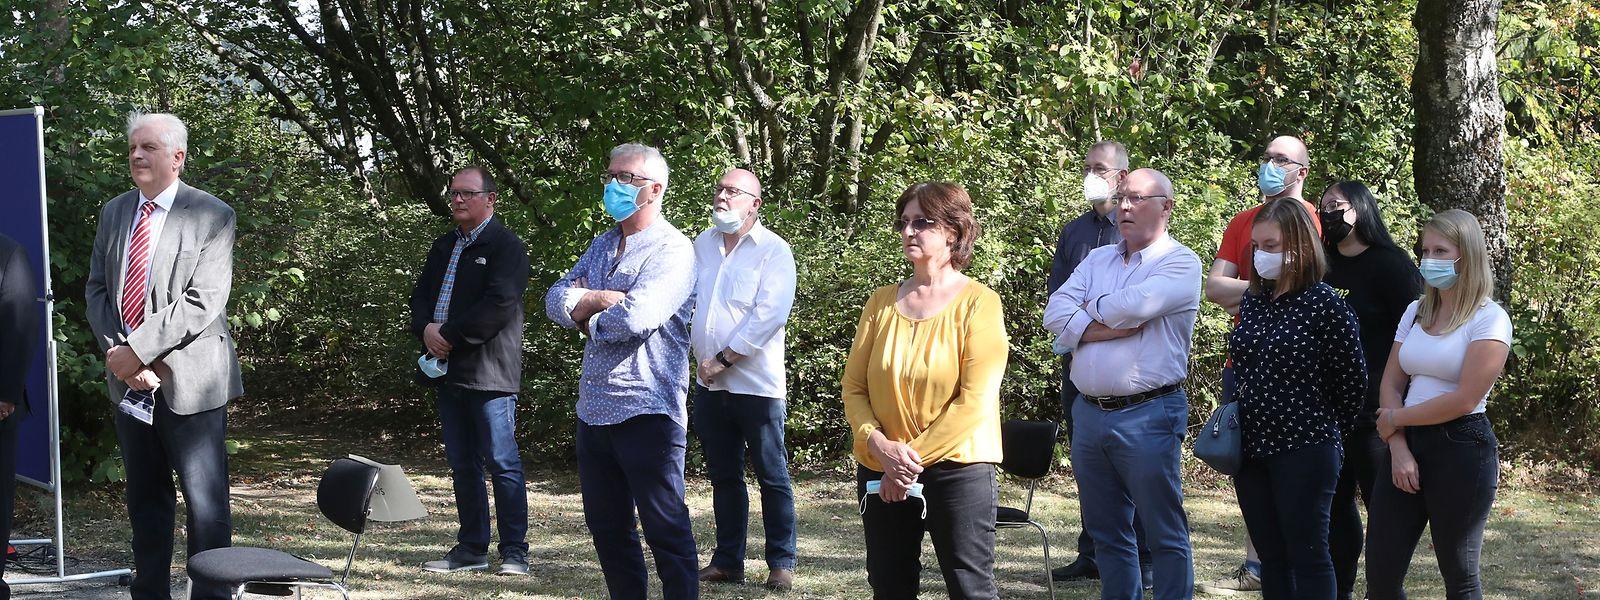 Eine Schweigeminute zu Ehren der vielen Inhaftierten und Ermordeten aus Luxemburg. Bei der diesjährigen Gedenkfeier mussten Abstandsregeln eingehalten werden.